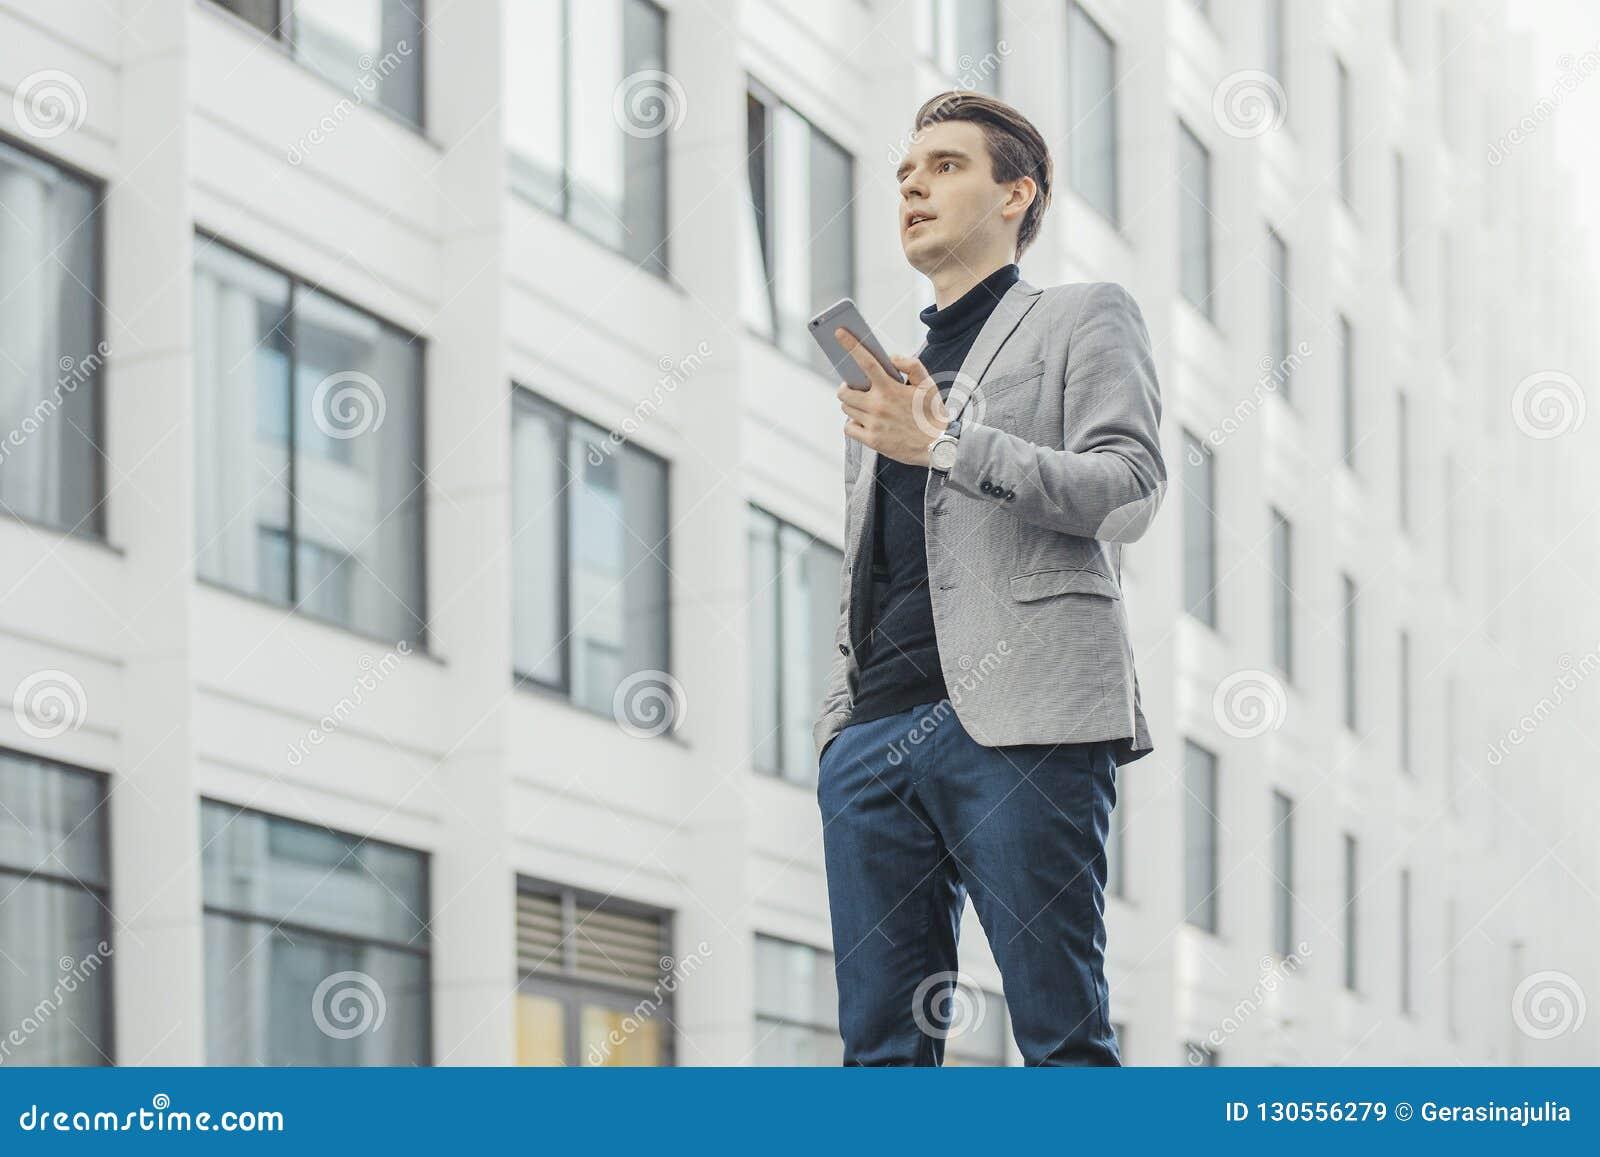 Plano distante do homem de negócios novo que fala pelo telefone celular ao lado do arranha-céus